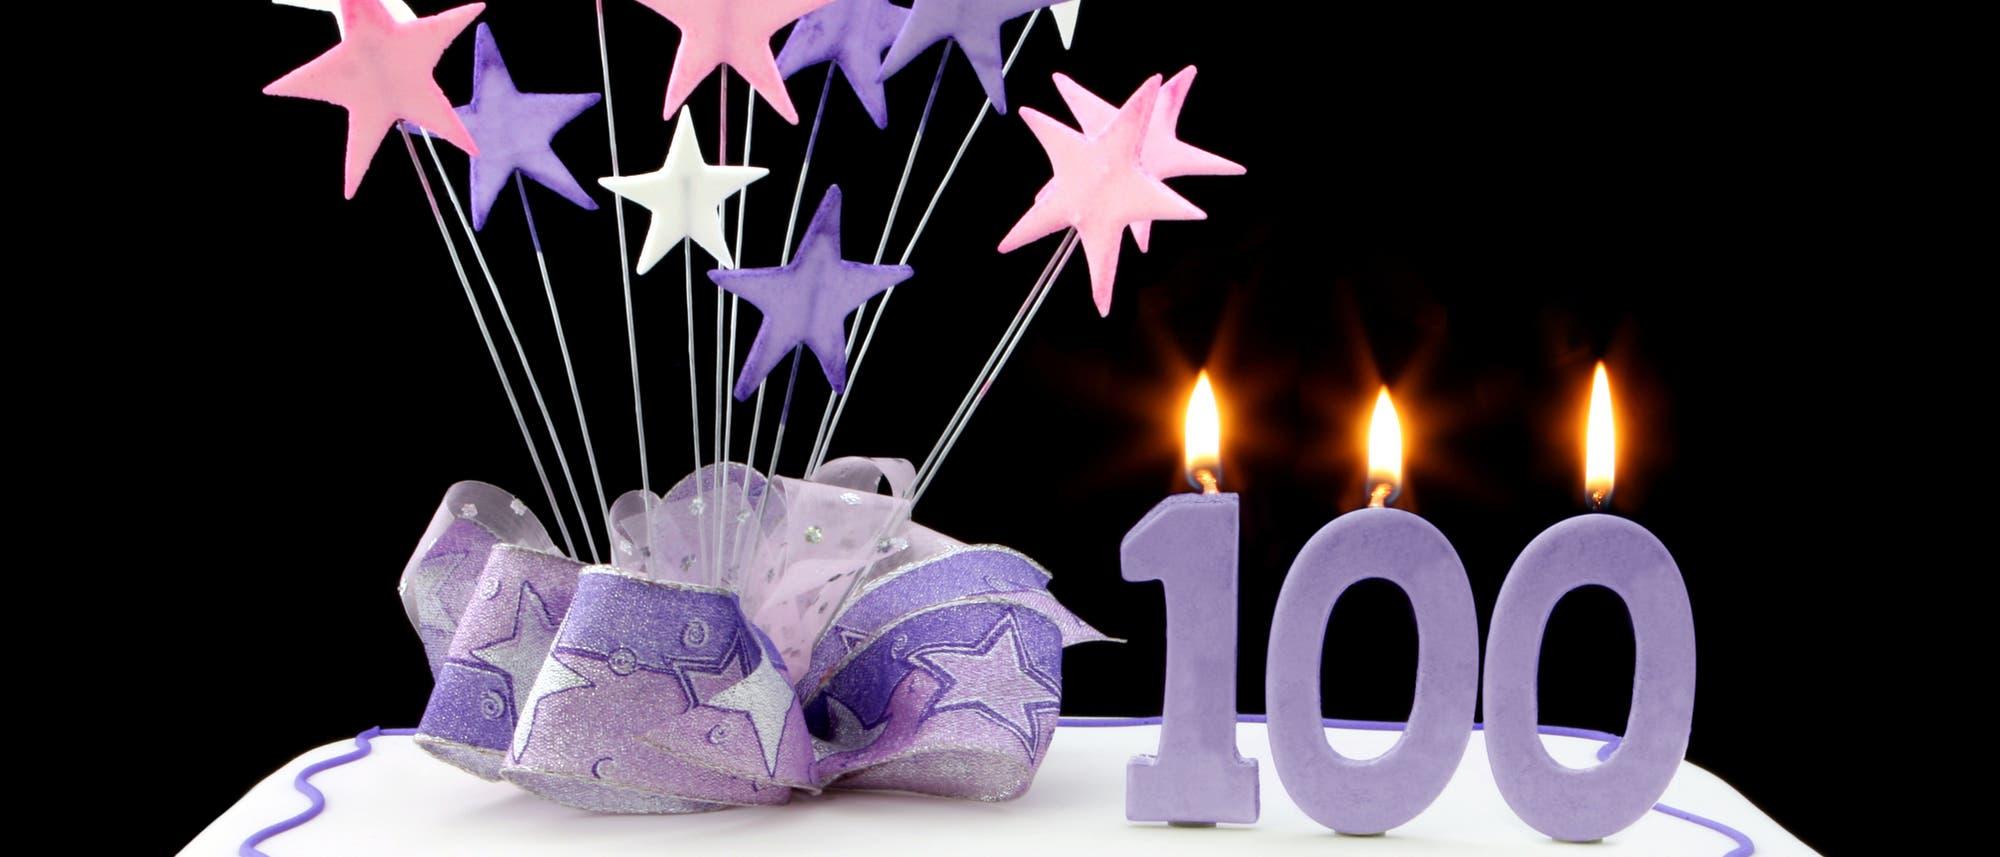 Torte zum 100sten Geburtstag